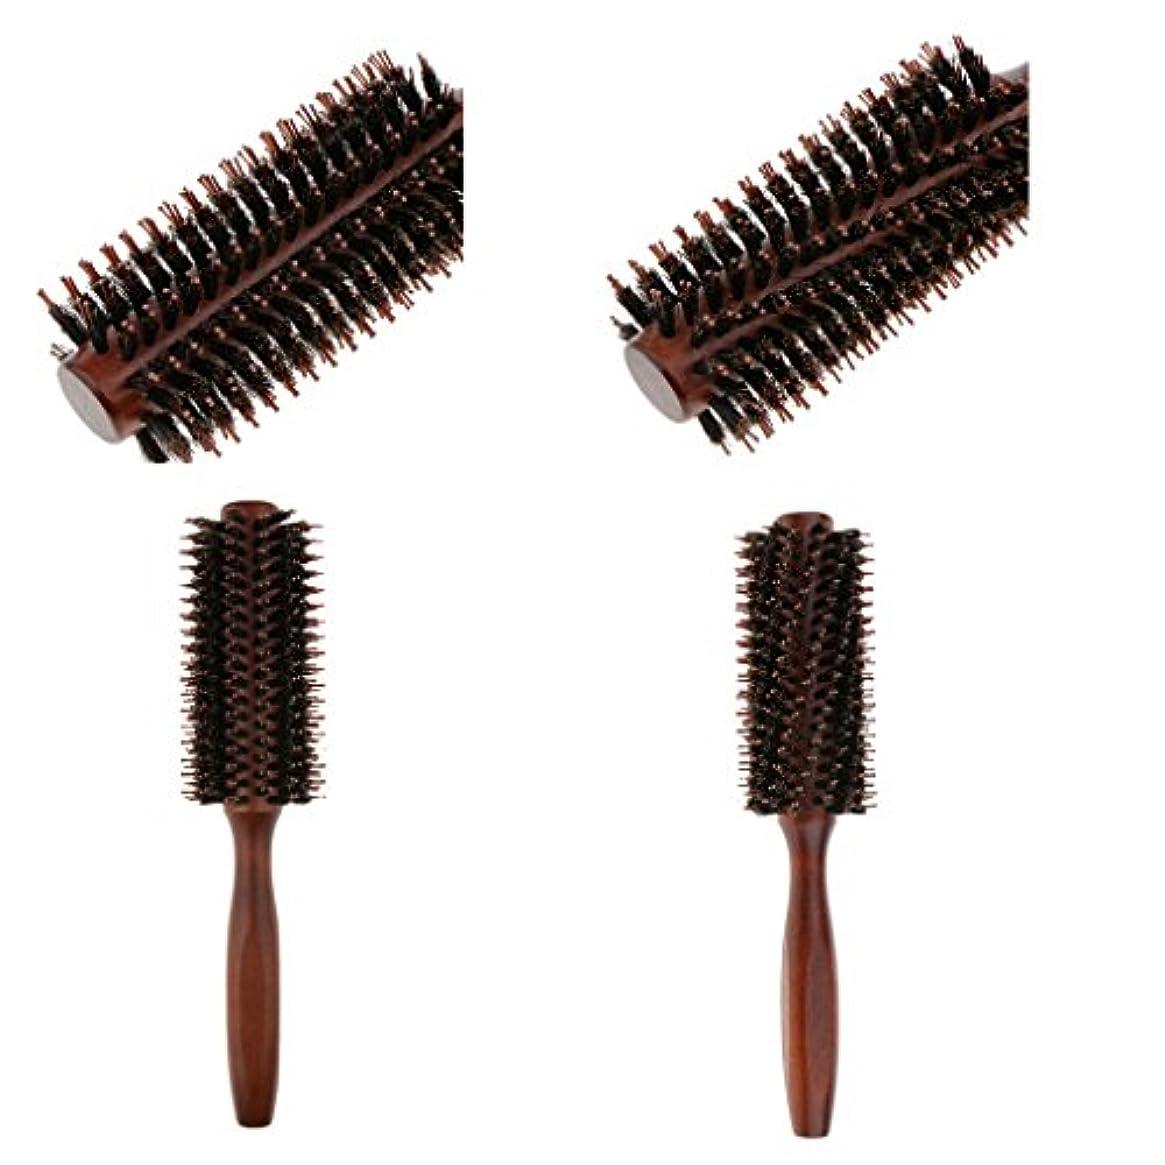 アクセルひばりゆるいToygogo 2ピース/個木製ハンドル剛毛ナイロンヘアケアラウンドブラシアンチ脱毛コーム